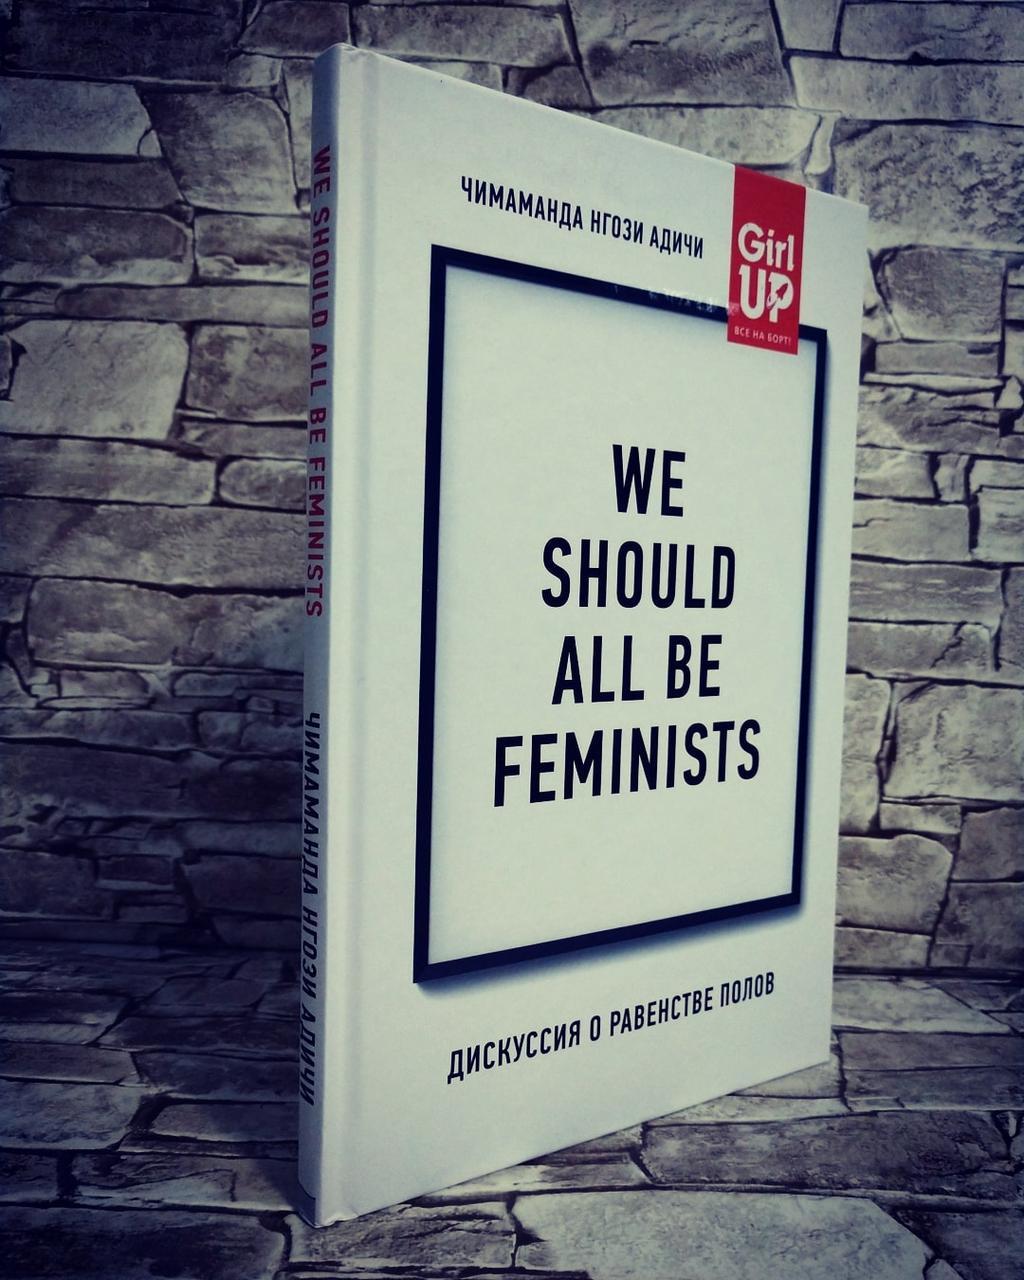 """Книга """"Дискуссия о равенстве полов"""" Чимаманда Нгози Адичи"""